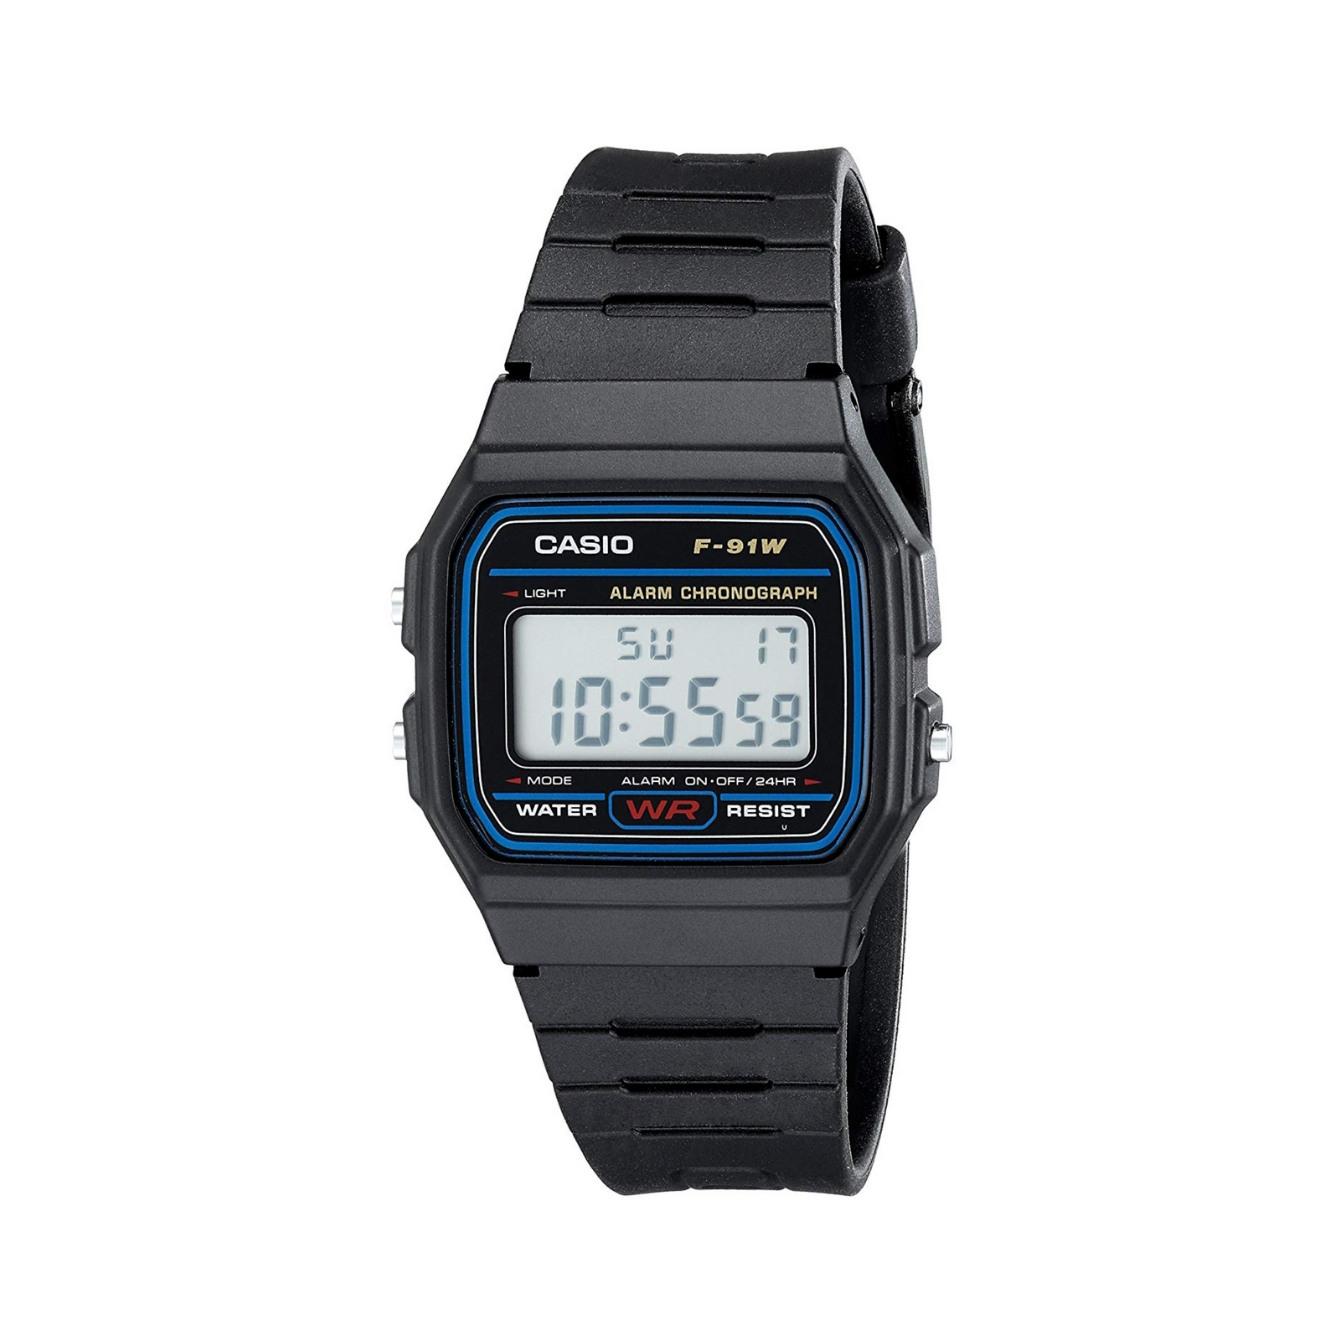 Casio F91W Sports Watch